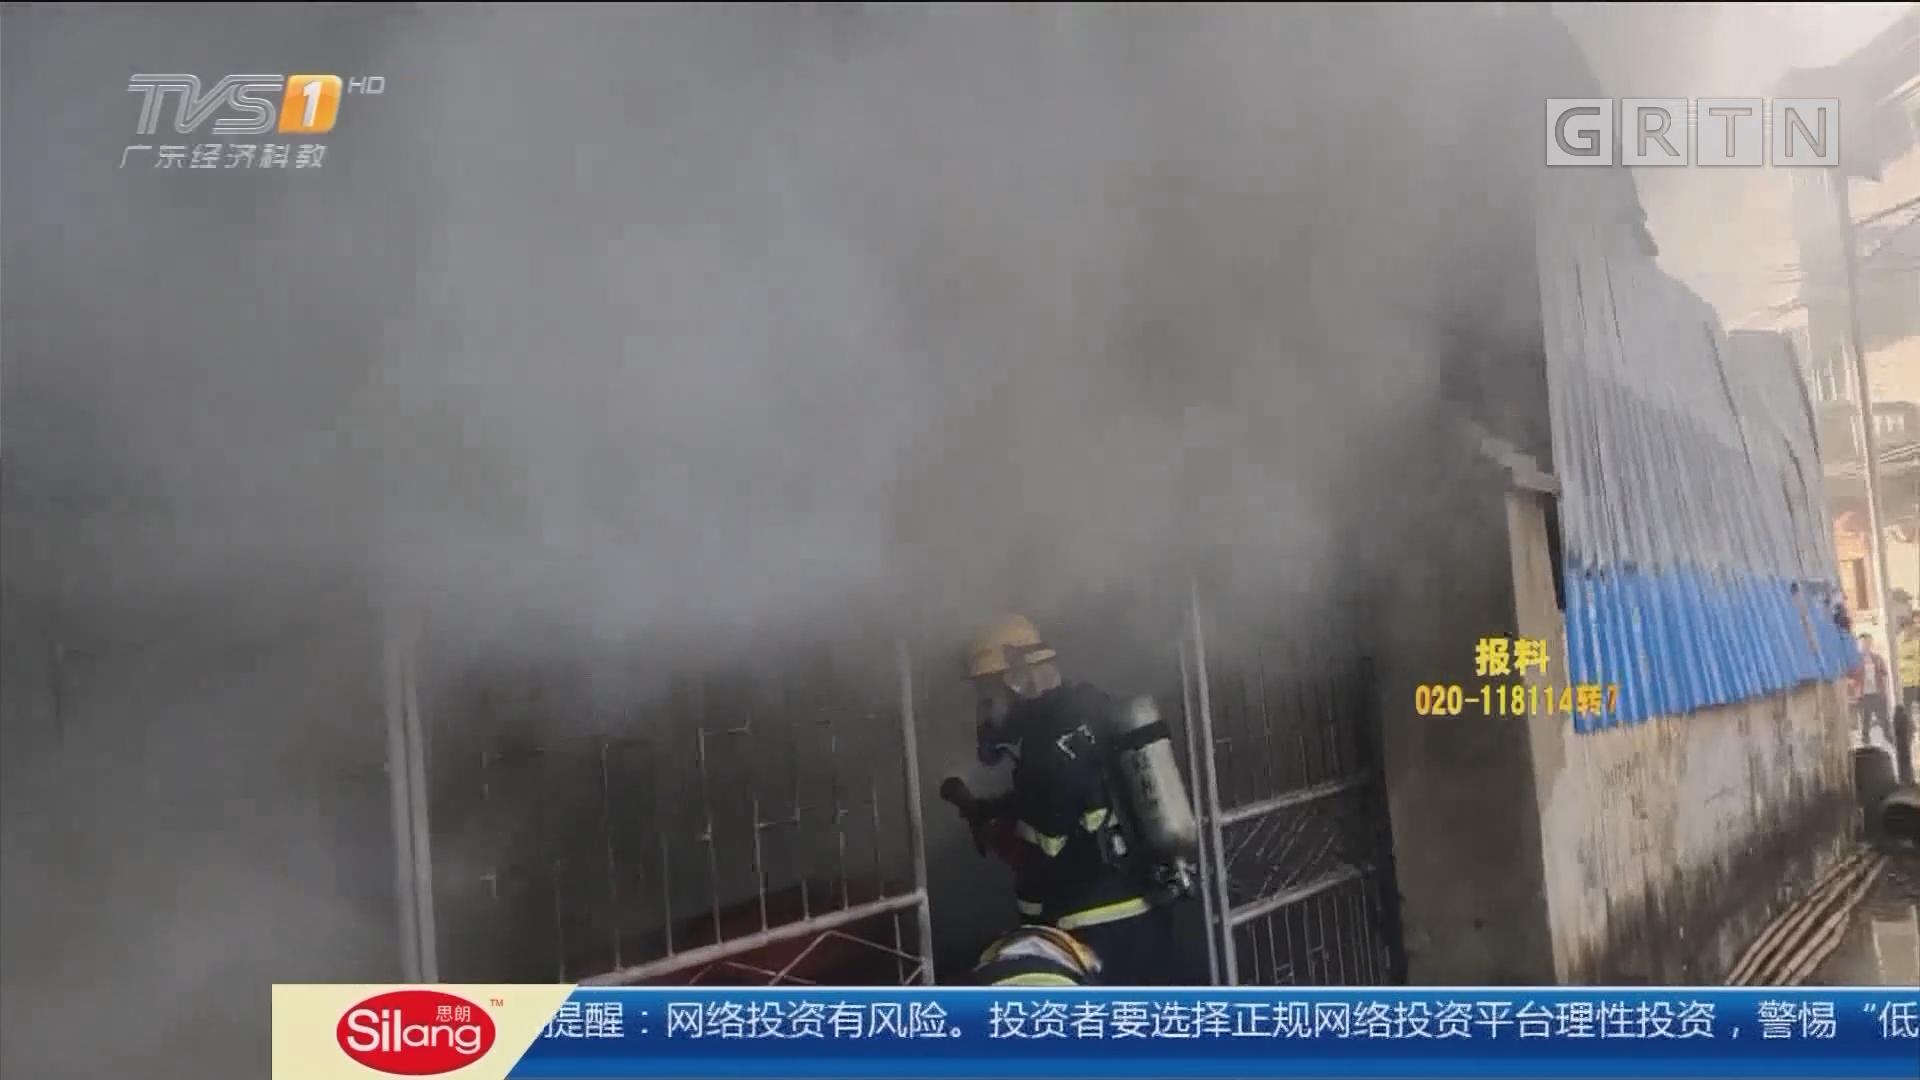 惠州江北:大火猛烧几度复燃 消防破拆控制火势